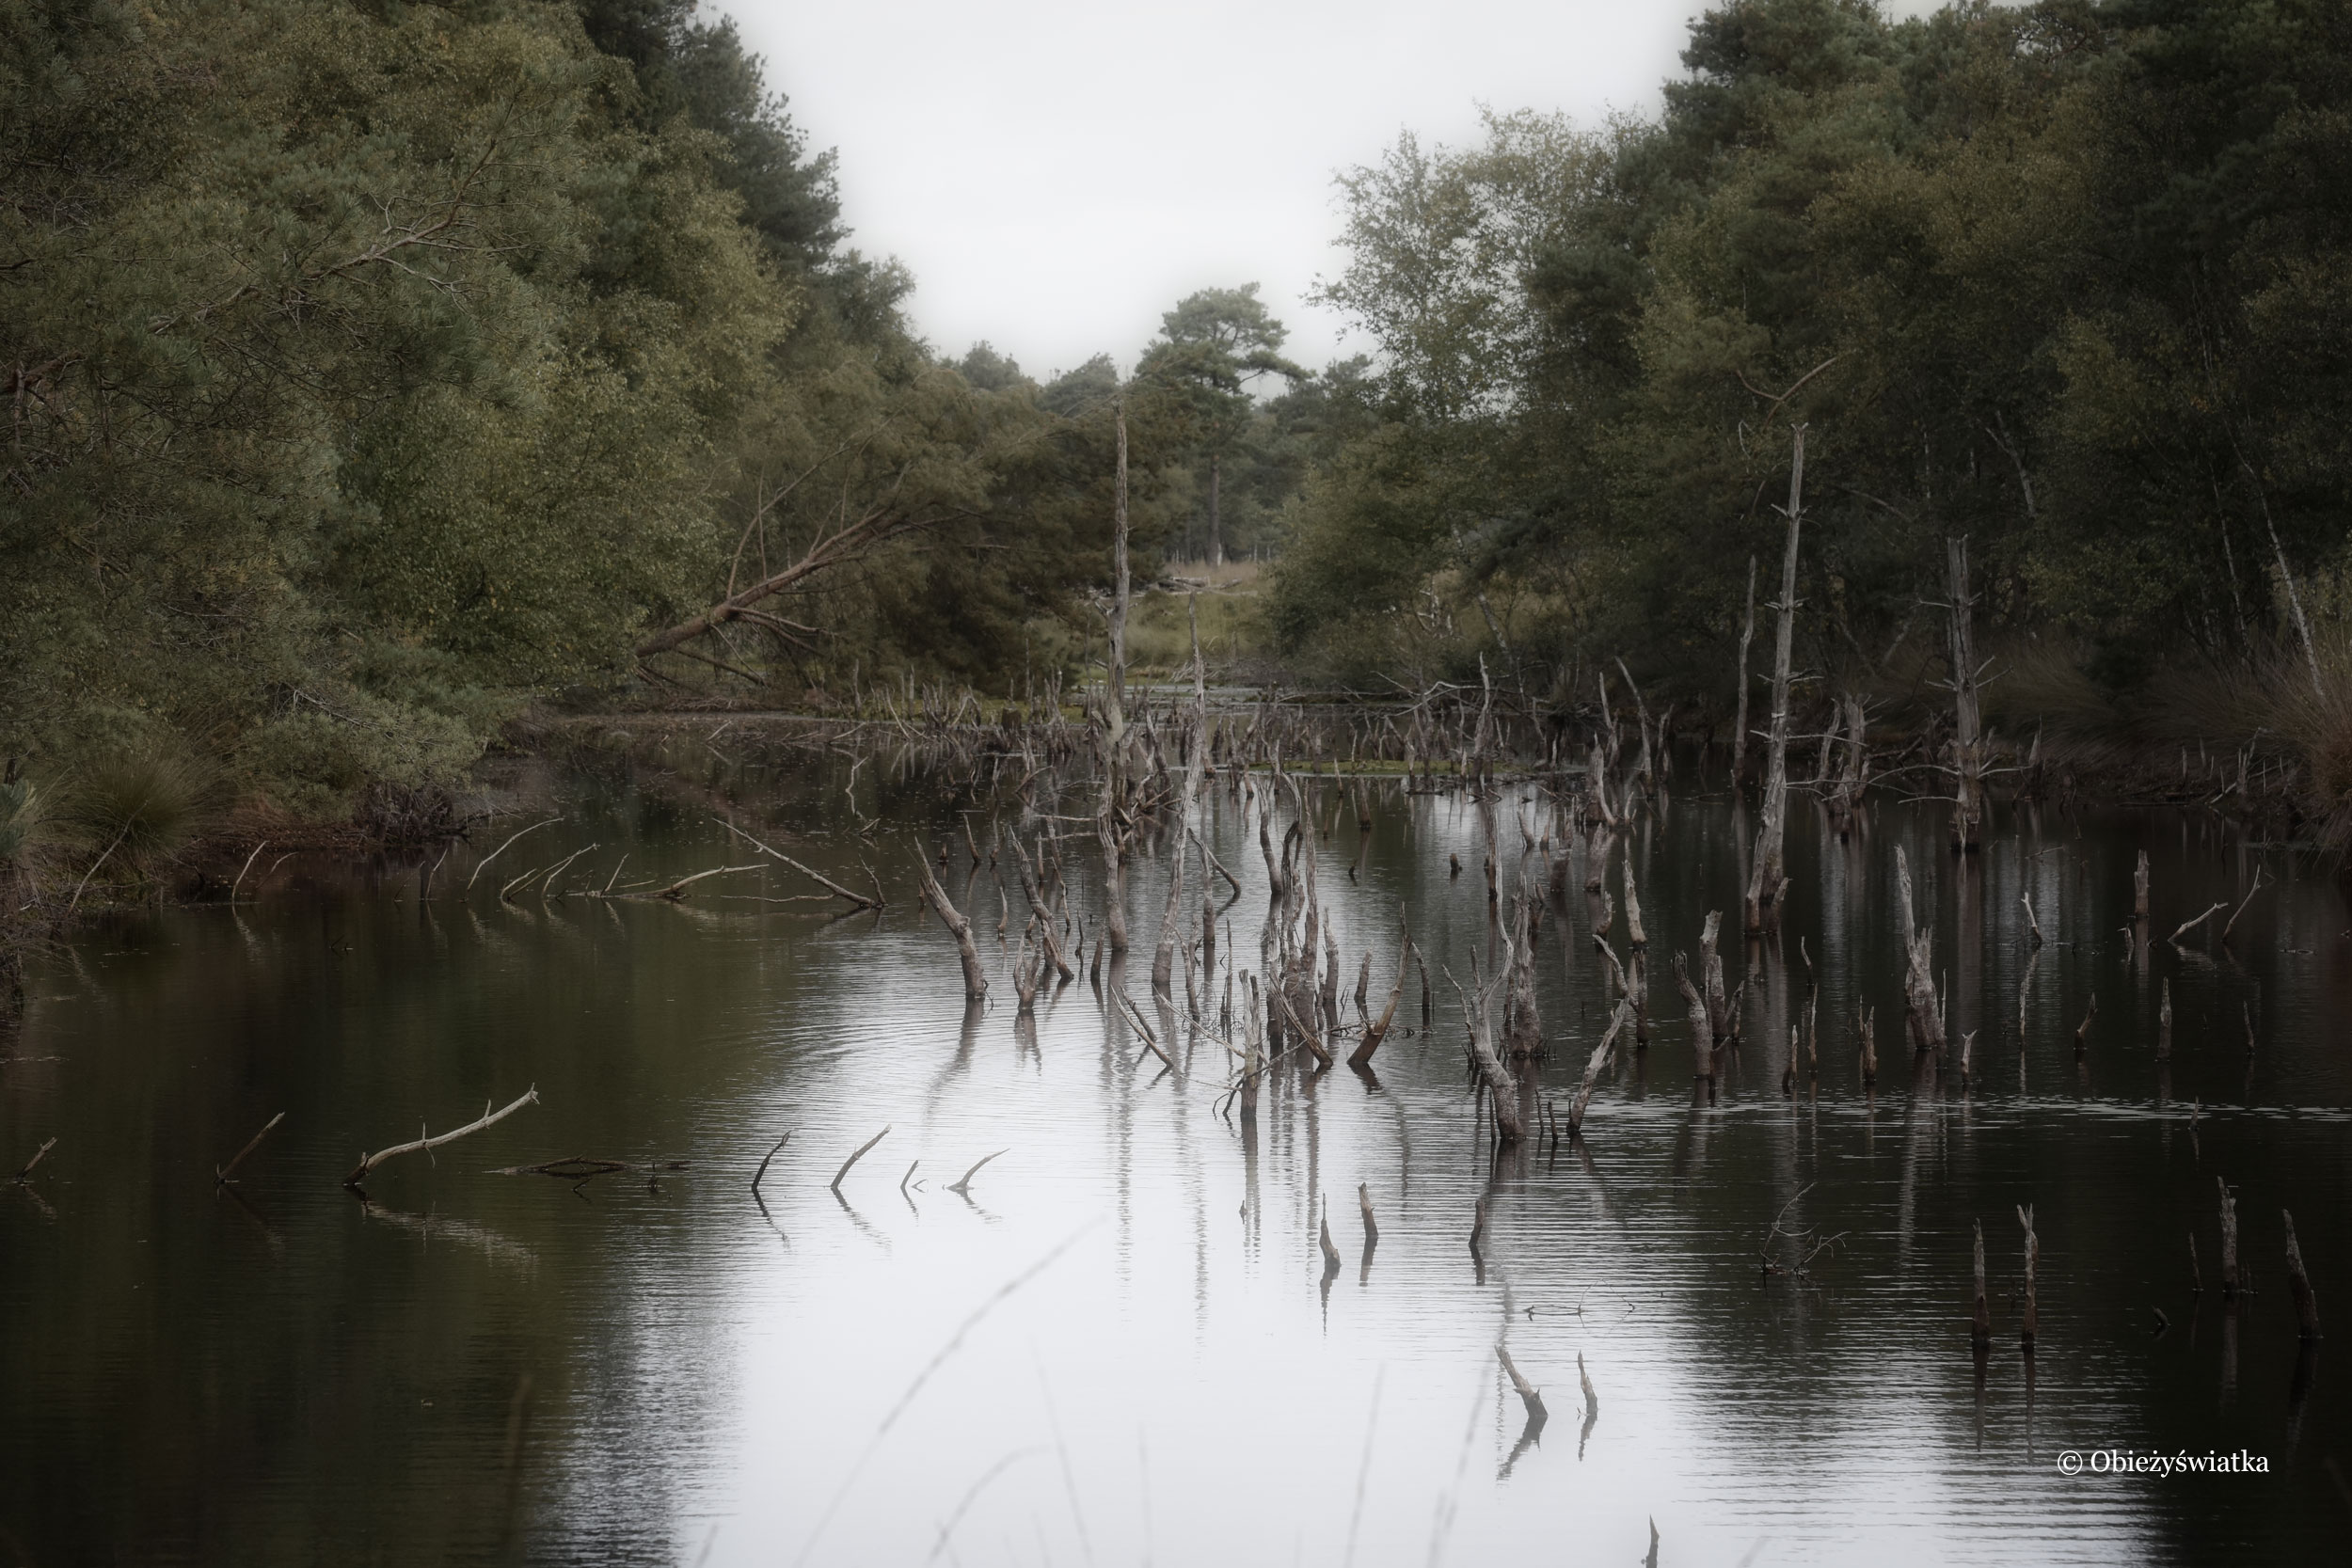 Osobliwości, Mokradła - Lüneburger Heide, Niemcy